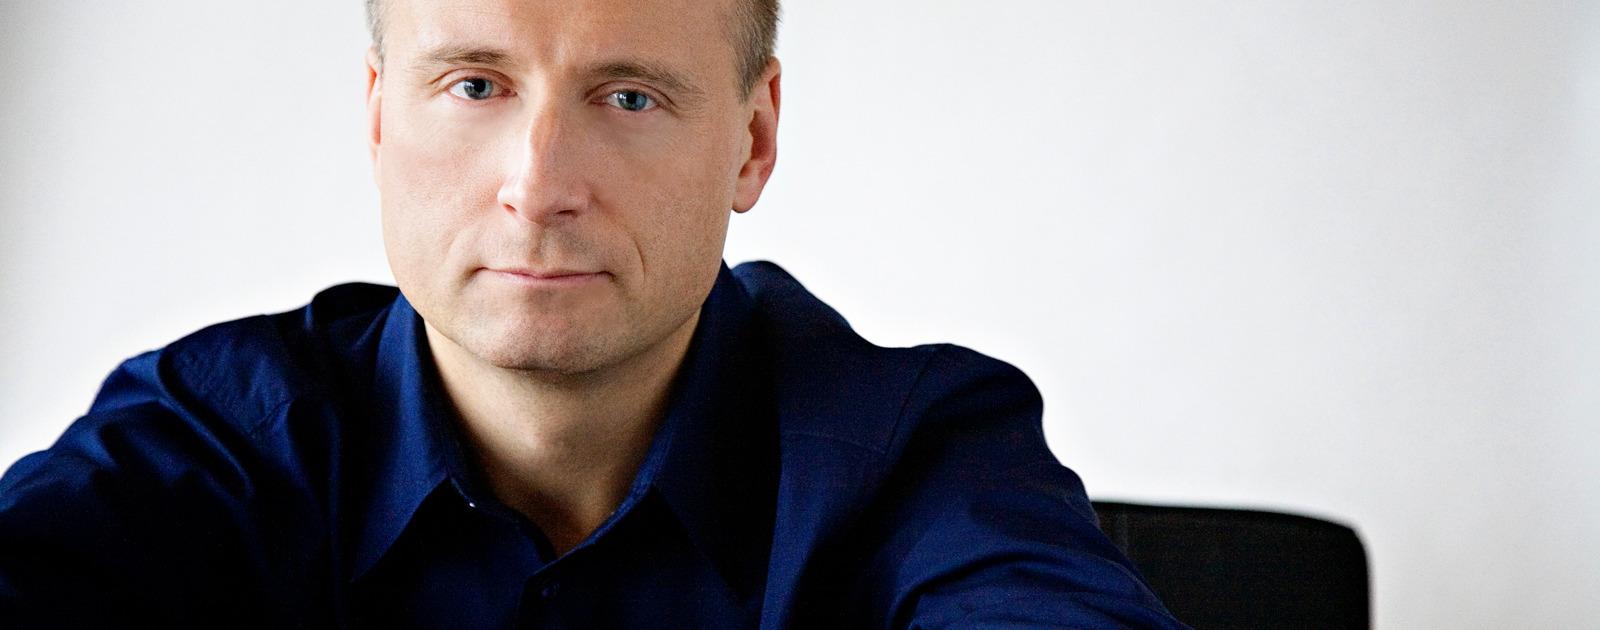 Conductor, Paavo Jarvi